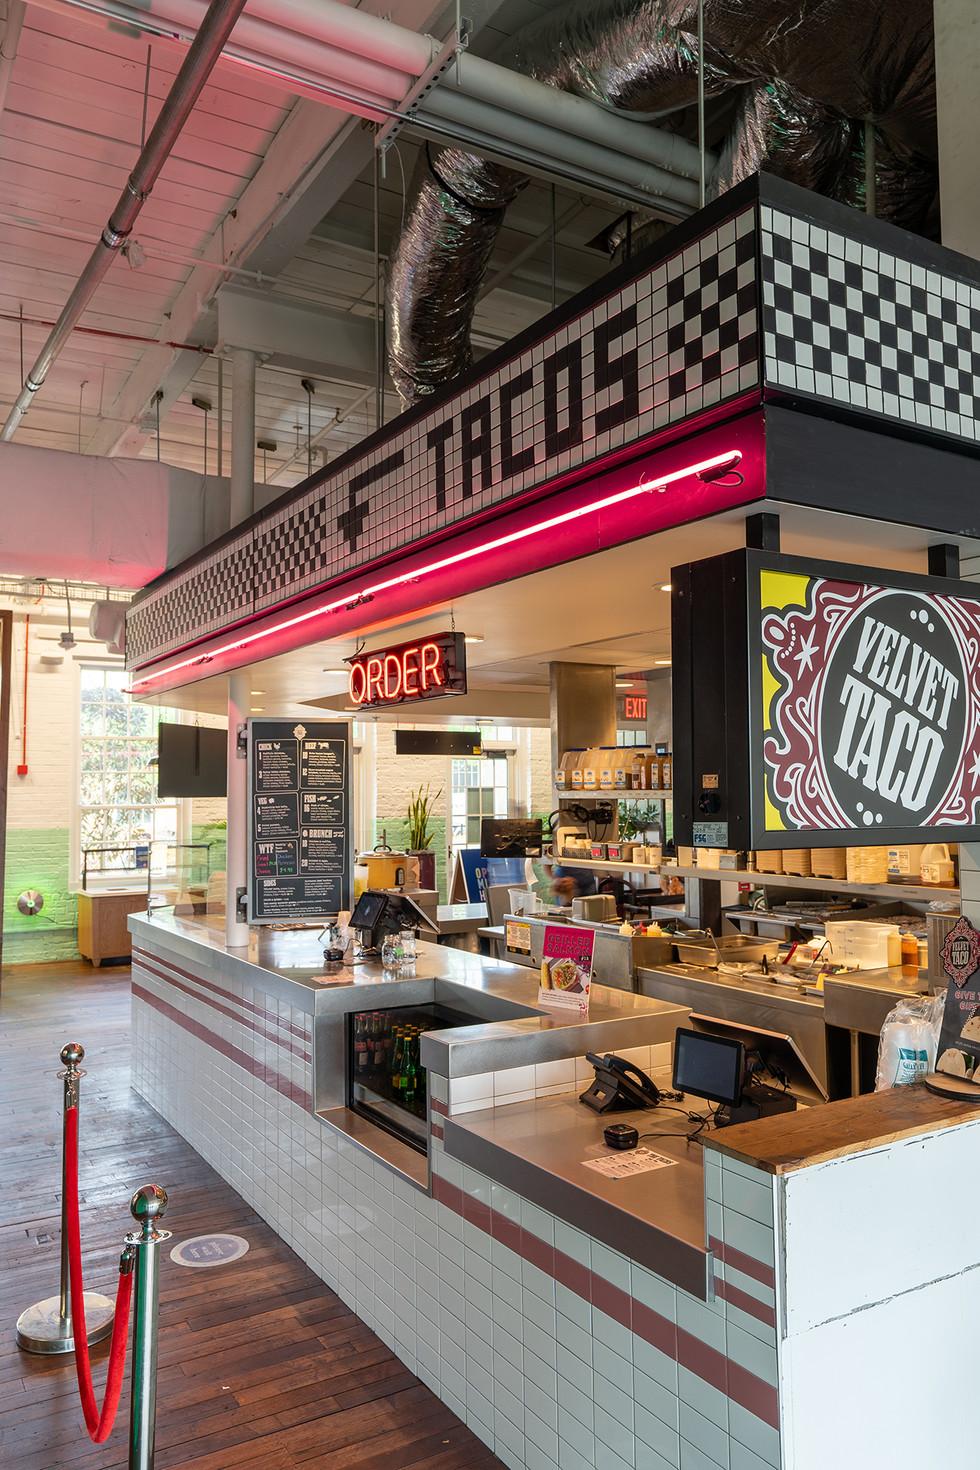 velvet taco corner.jpg